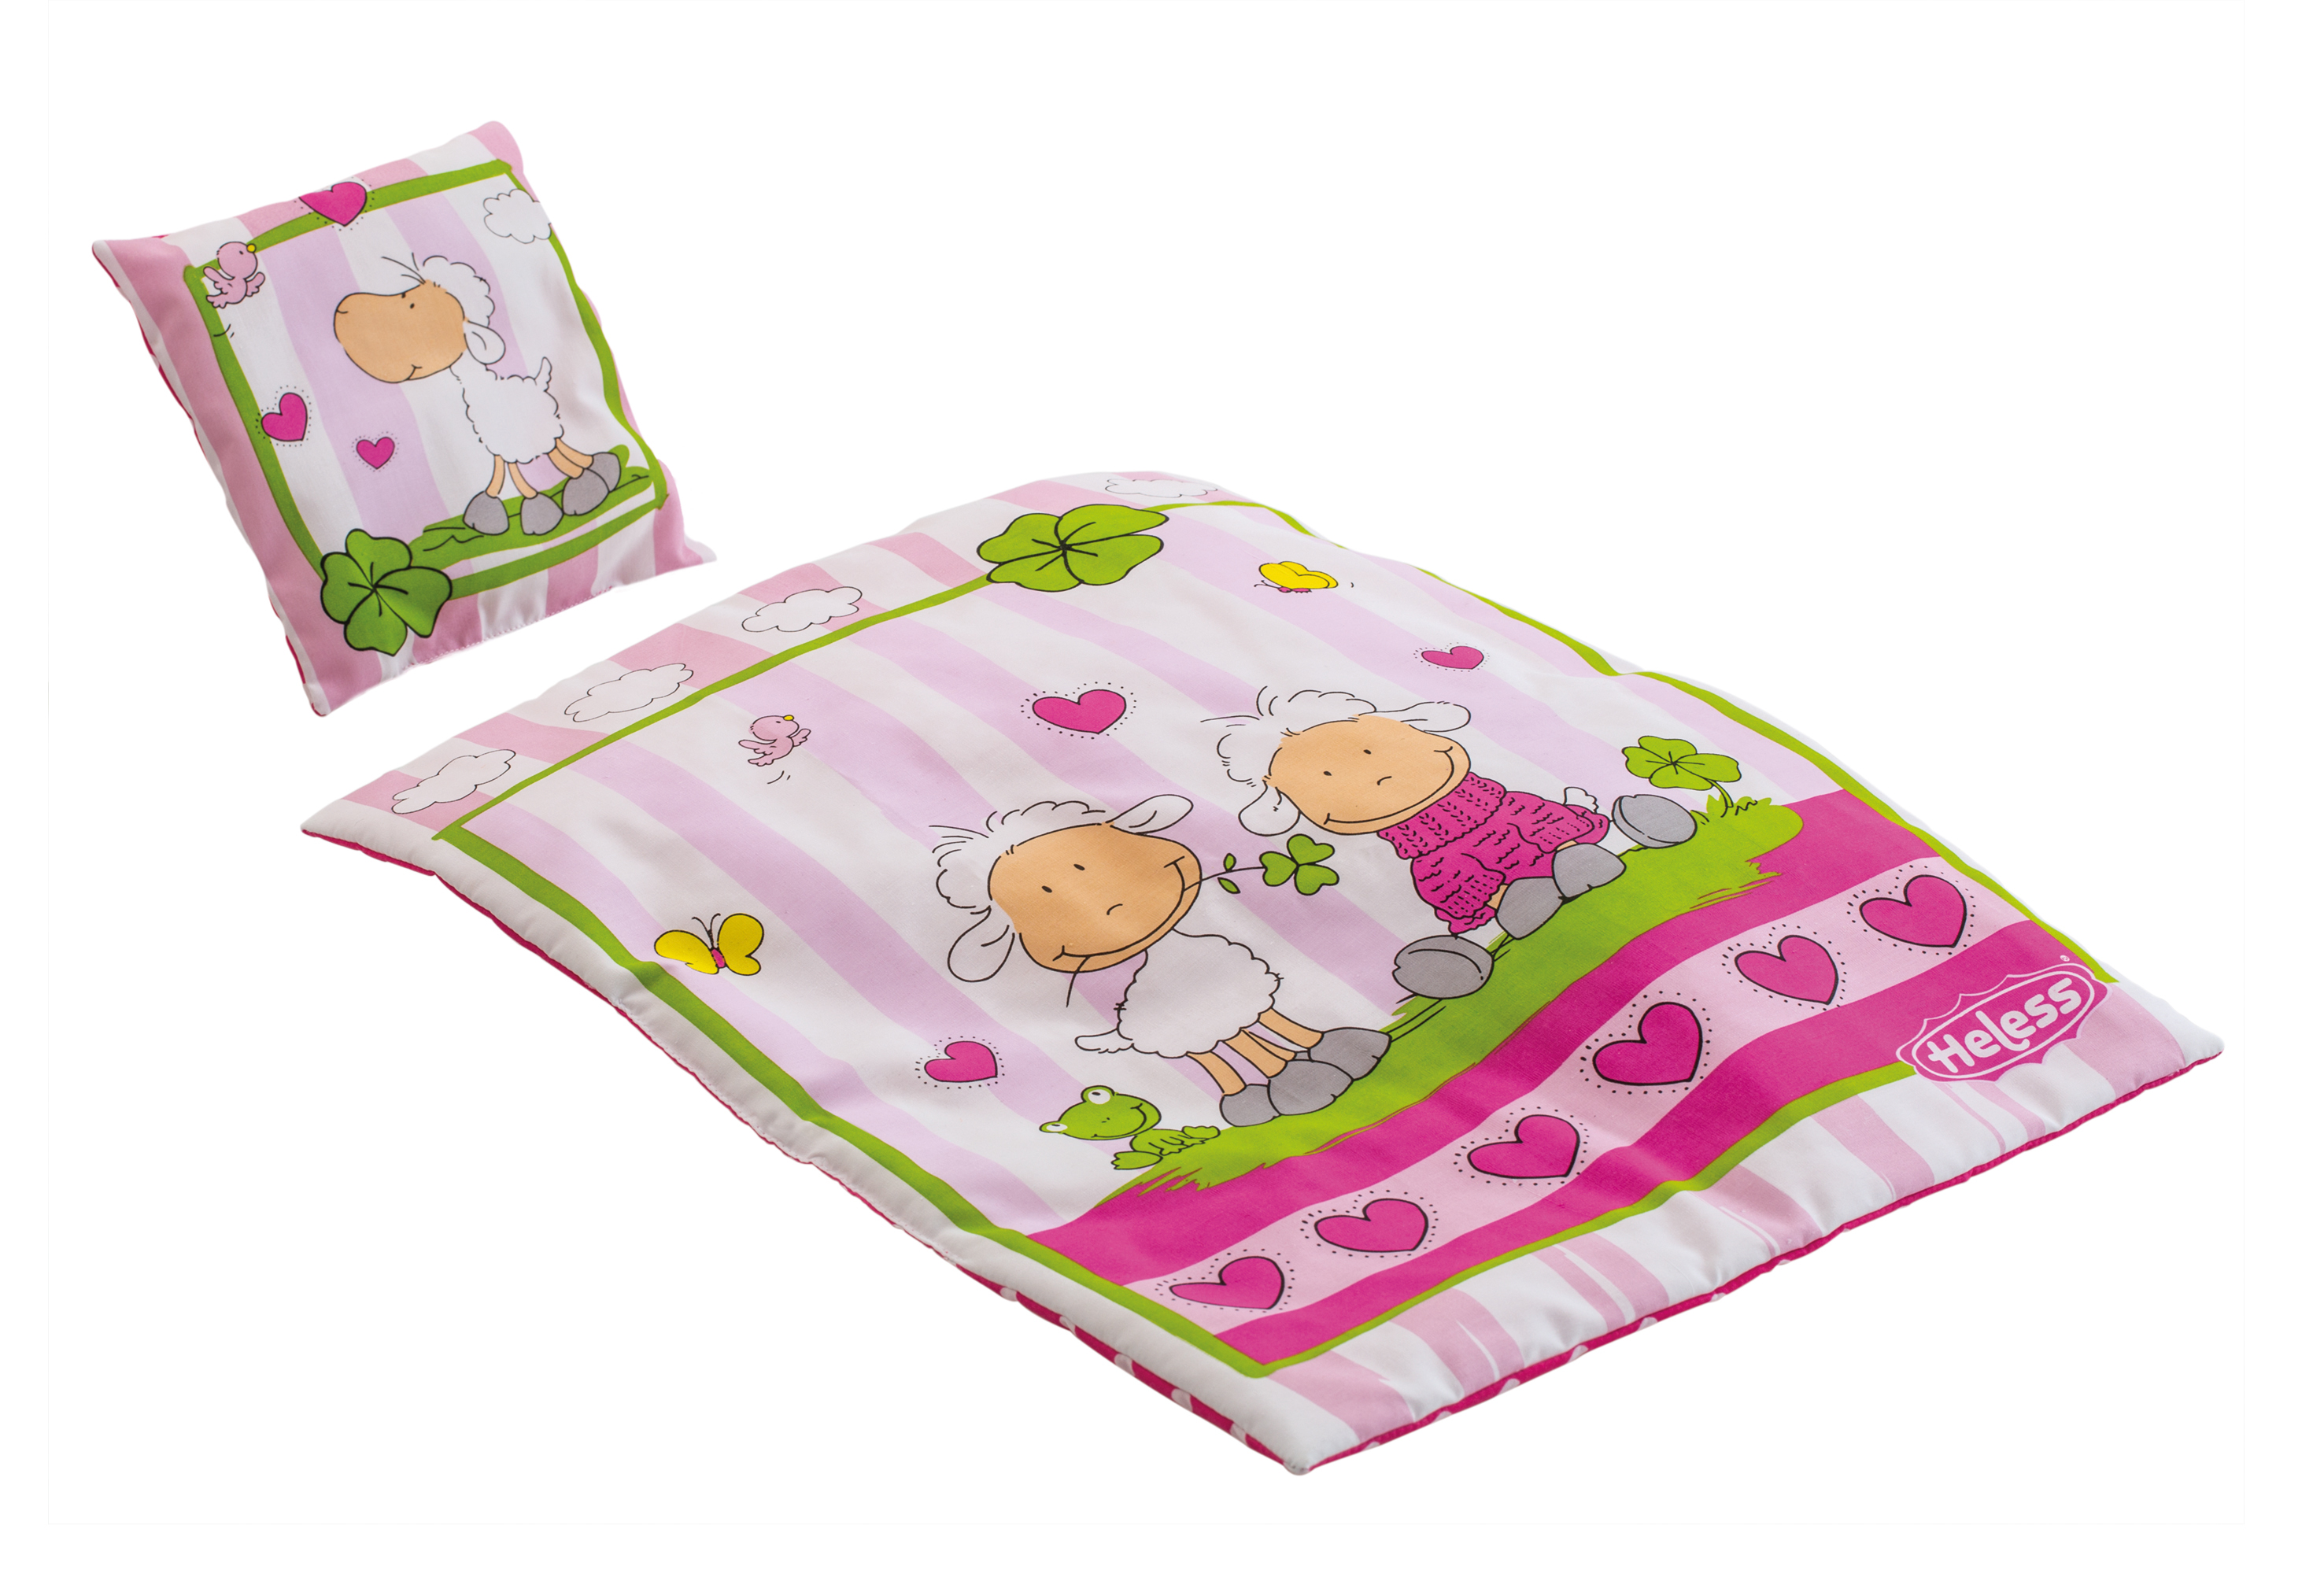 """Puppenbettdecke """"Glückschäfchen"""" (44x34 cm) mit Kissen (16x16 cm)"""